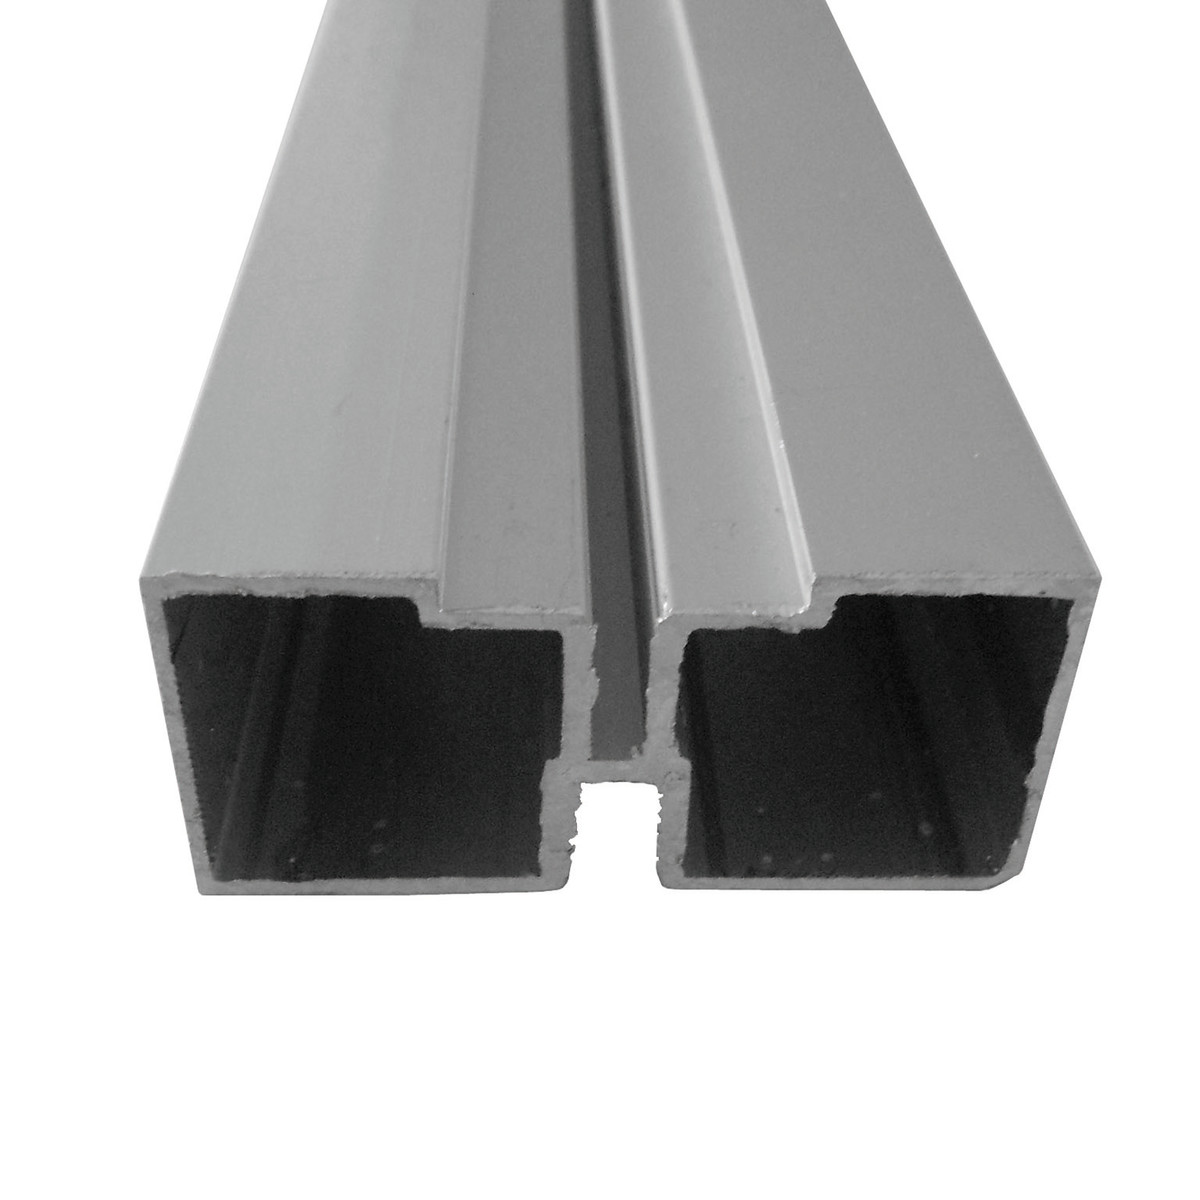 Pavimento esterno legno composito wpc offerta prezzo e for Pavimento esterno leroy merlin